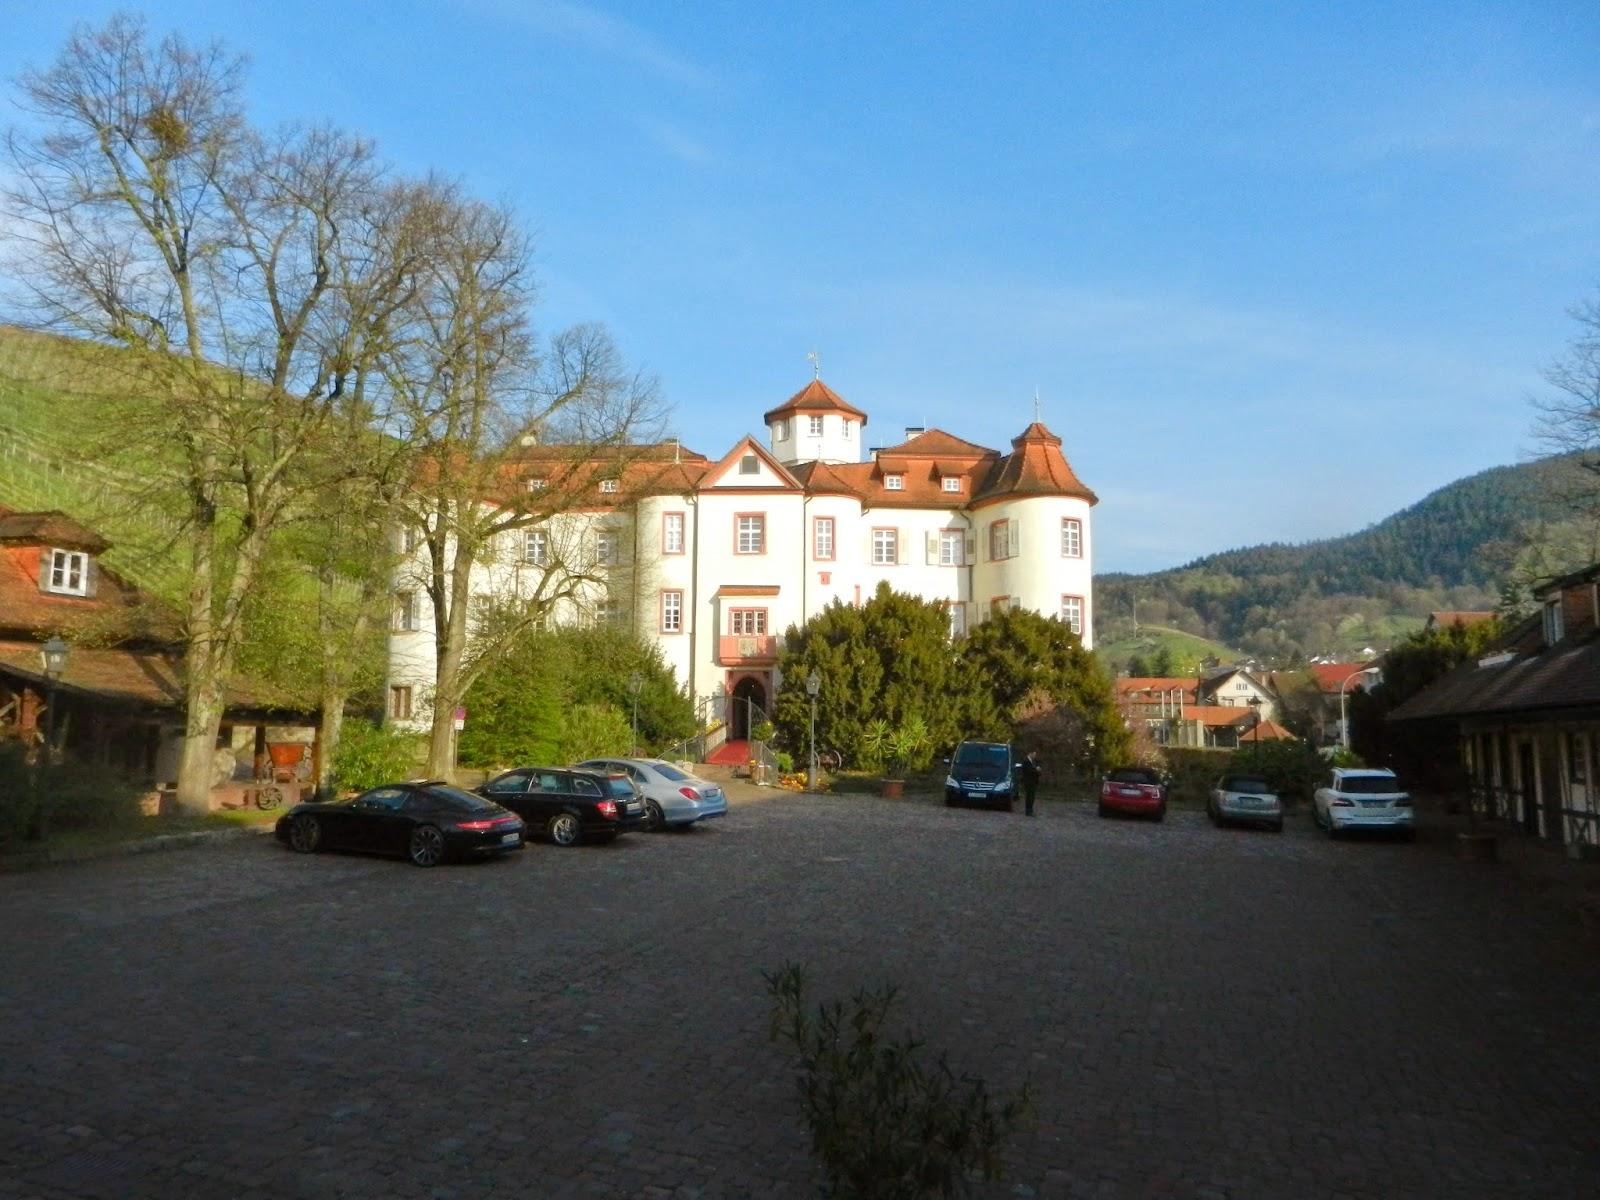 Weingut Schloss Neuweier Baden Baden